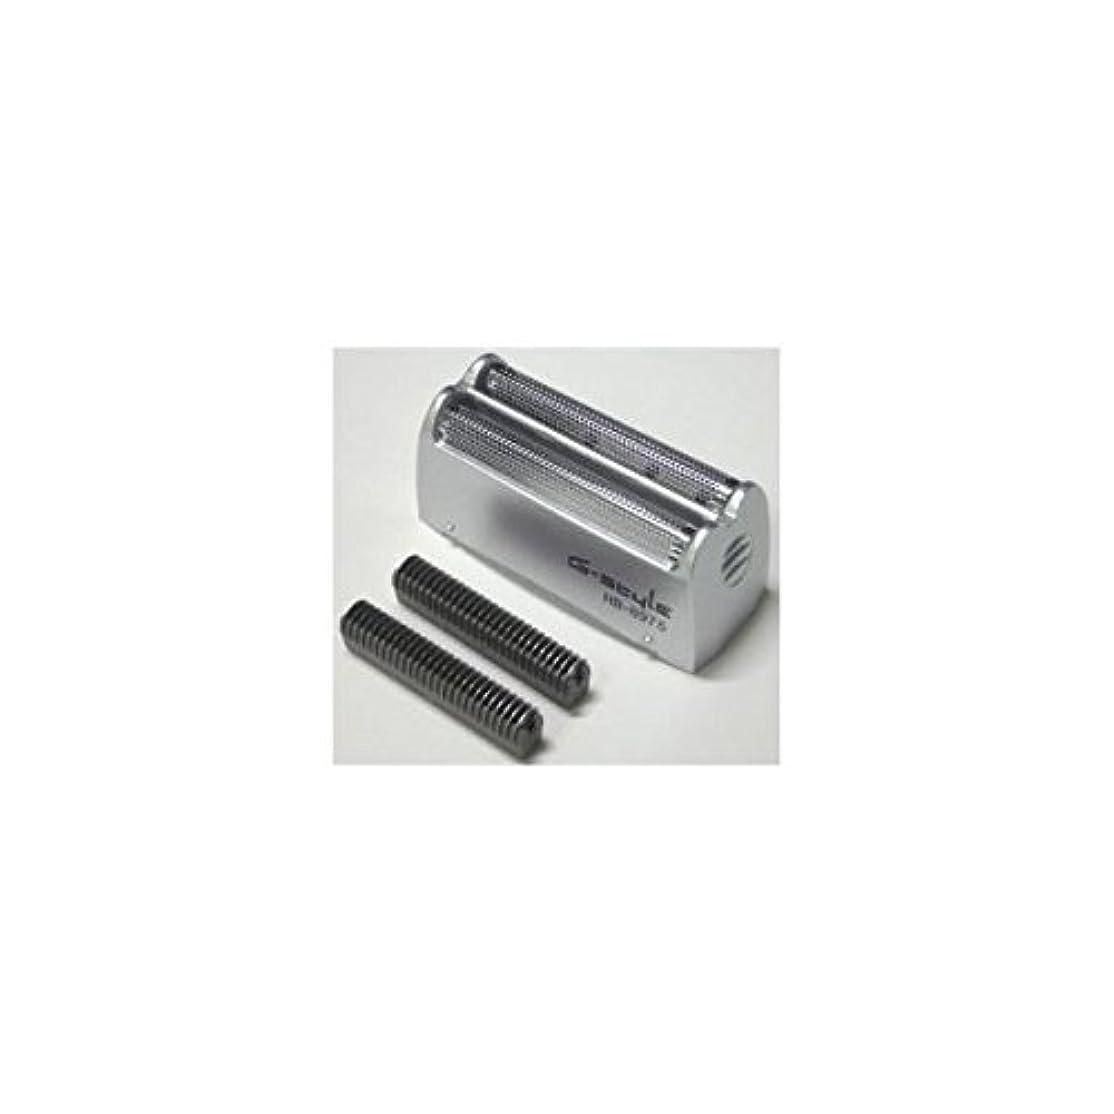 汚染楽観断片オーム電機 シェーバー用替え刃セット HB8981